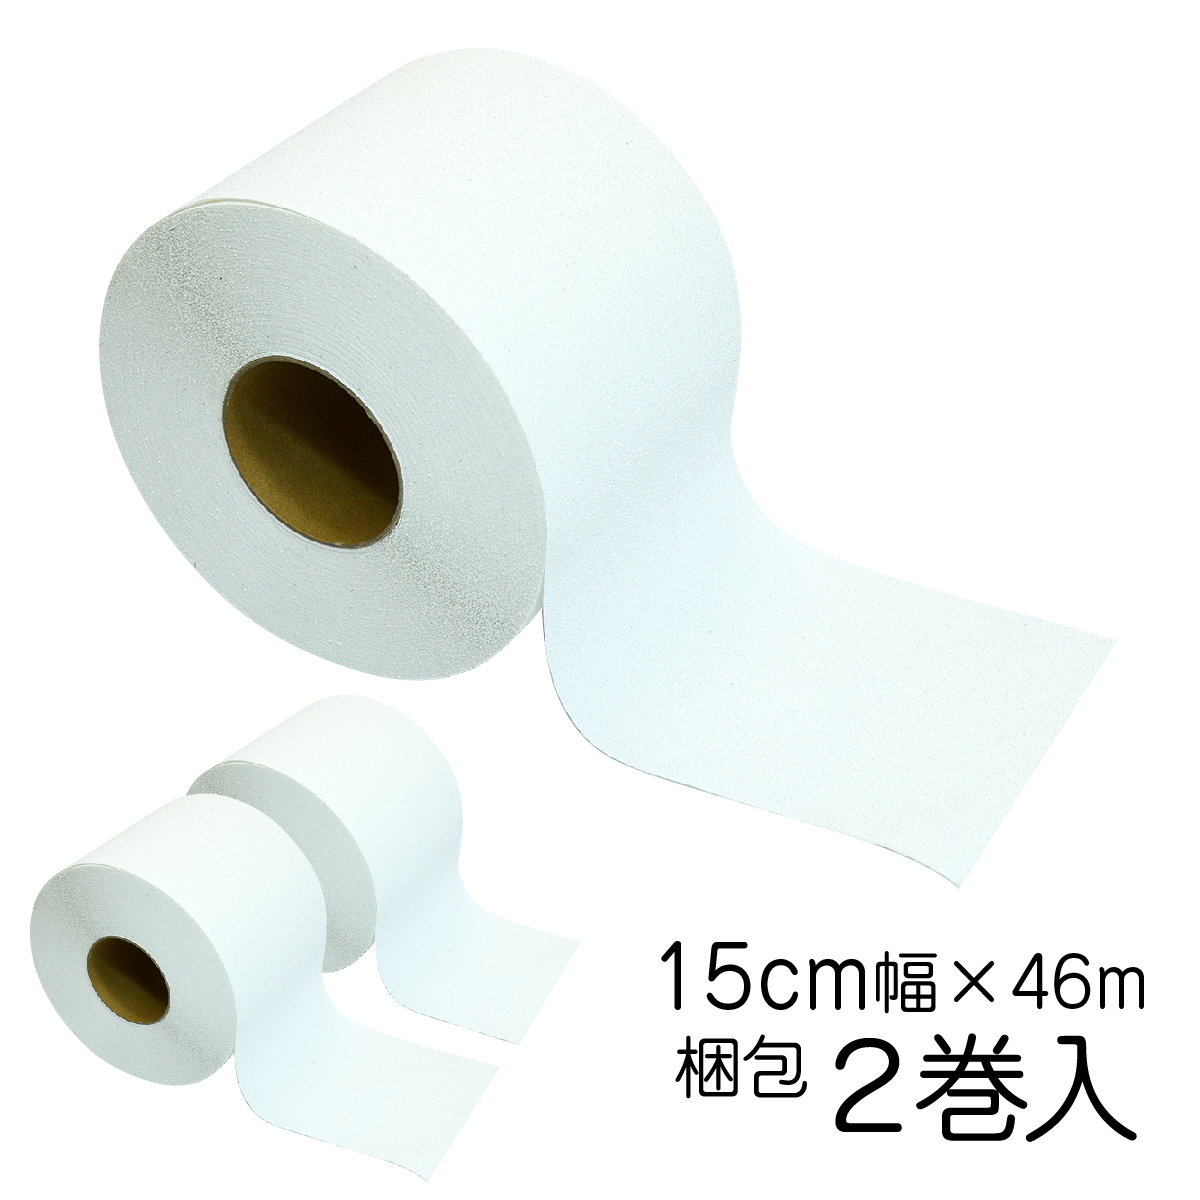 ジスラインテープ白(15cm幅 46m×2巻)